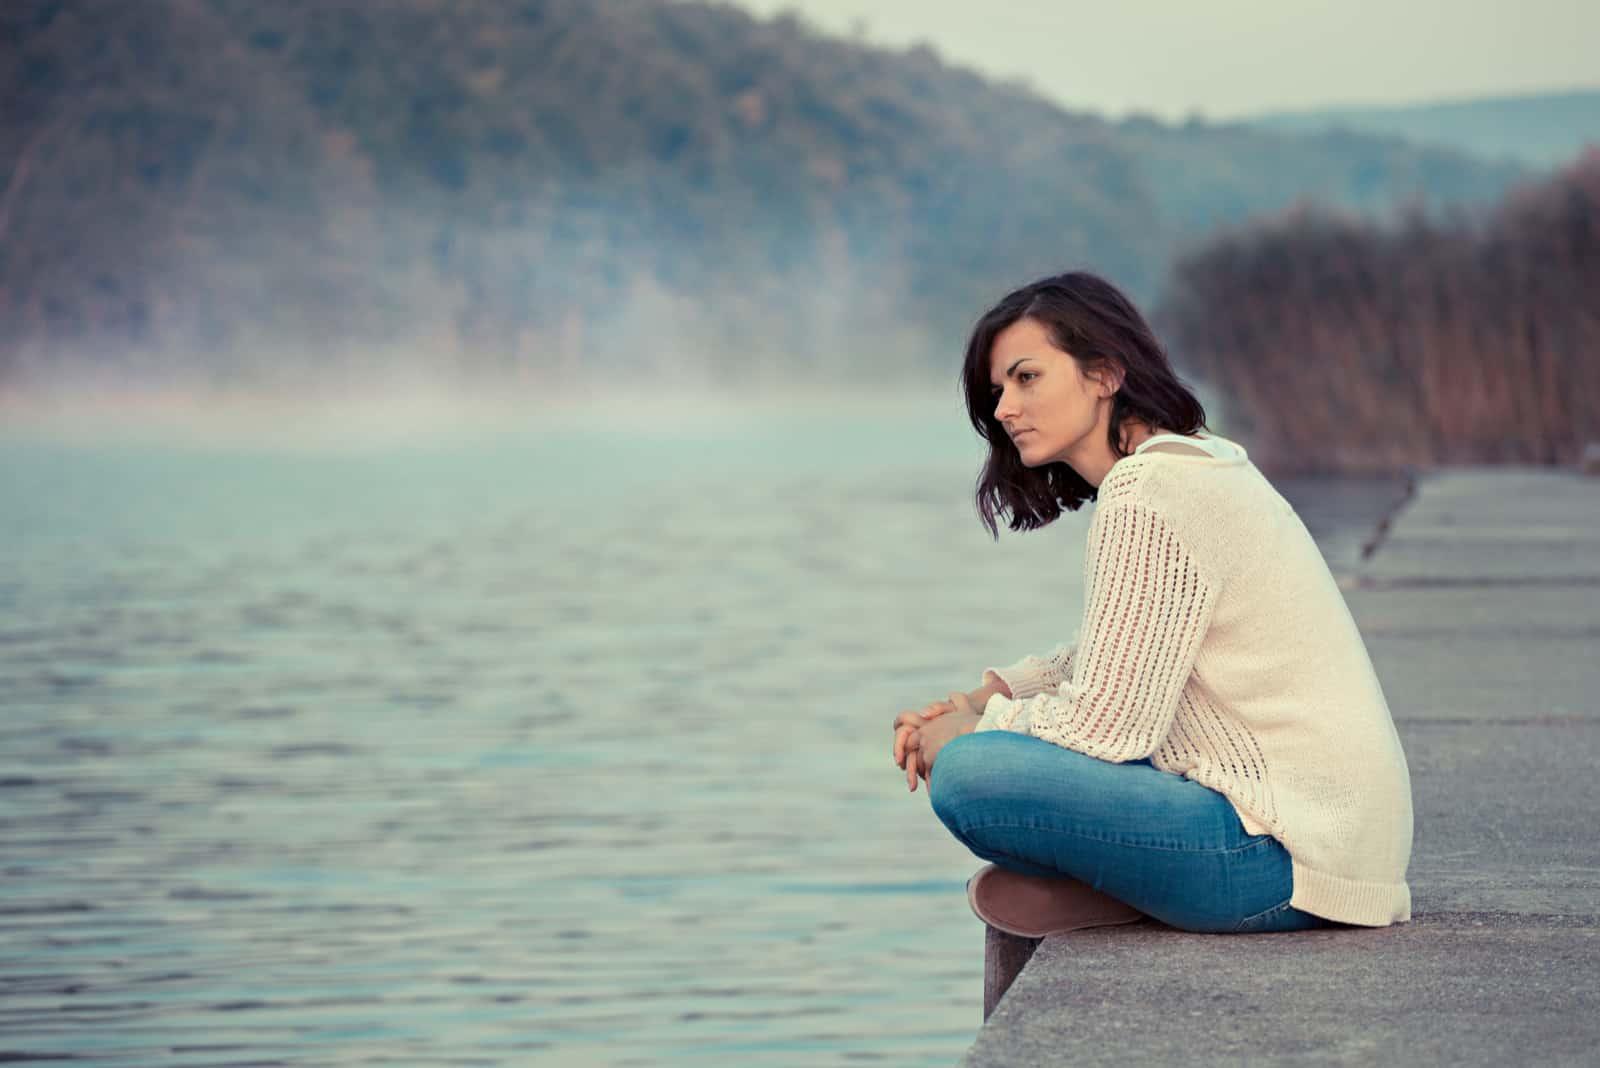 une femme imaginaire est assise à côté de la jetée